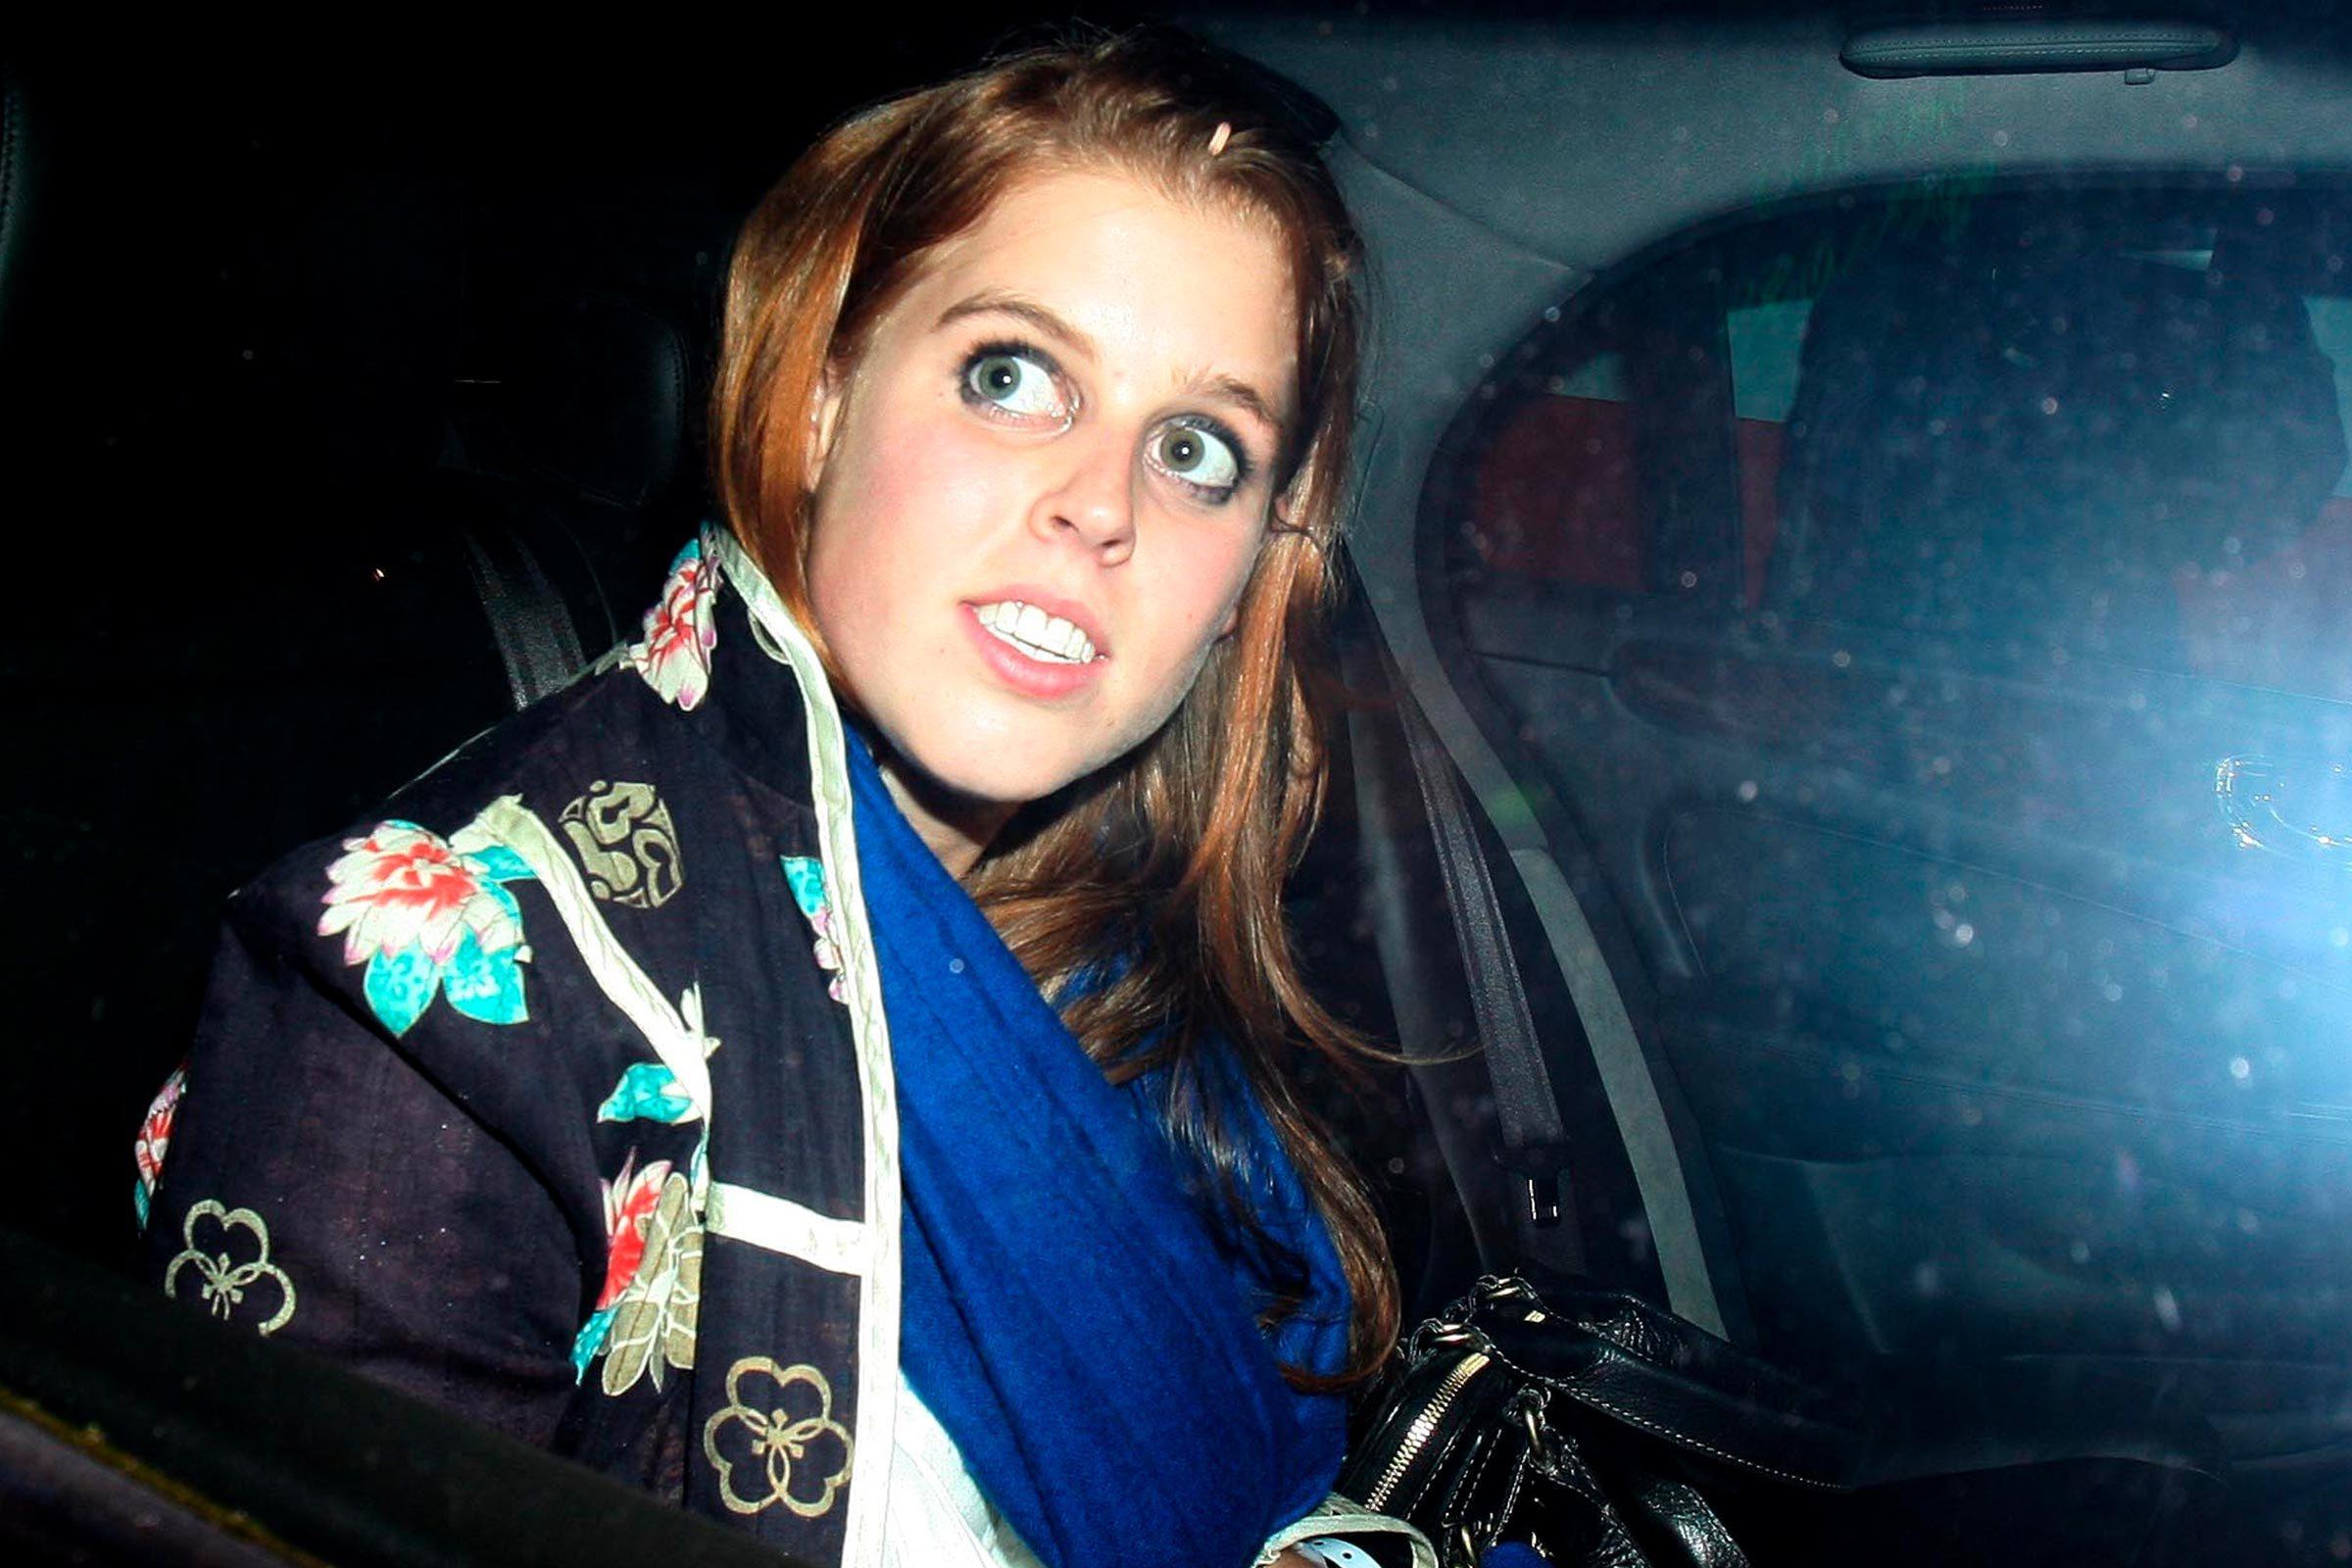 Princess Beatrice in car